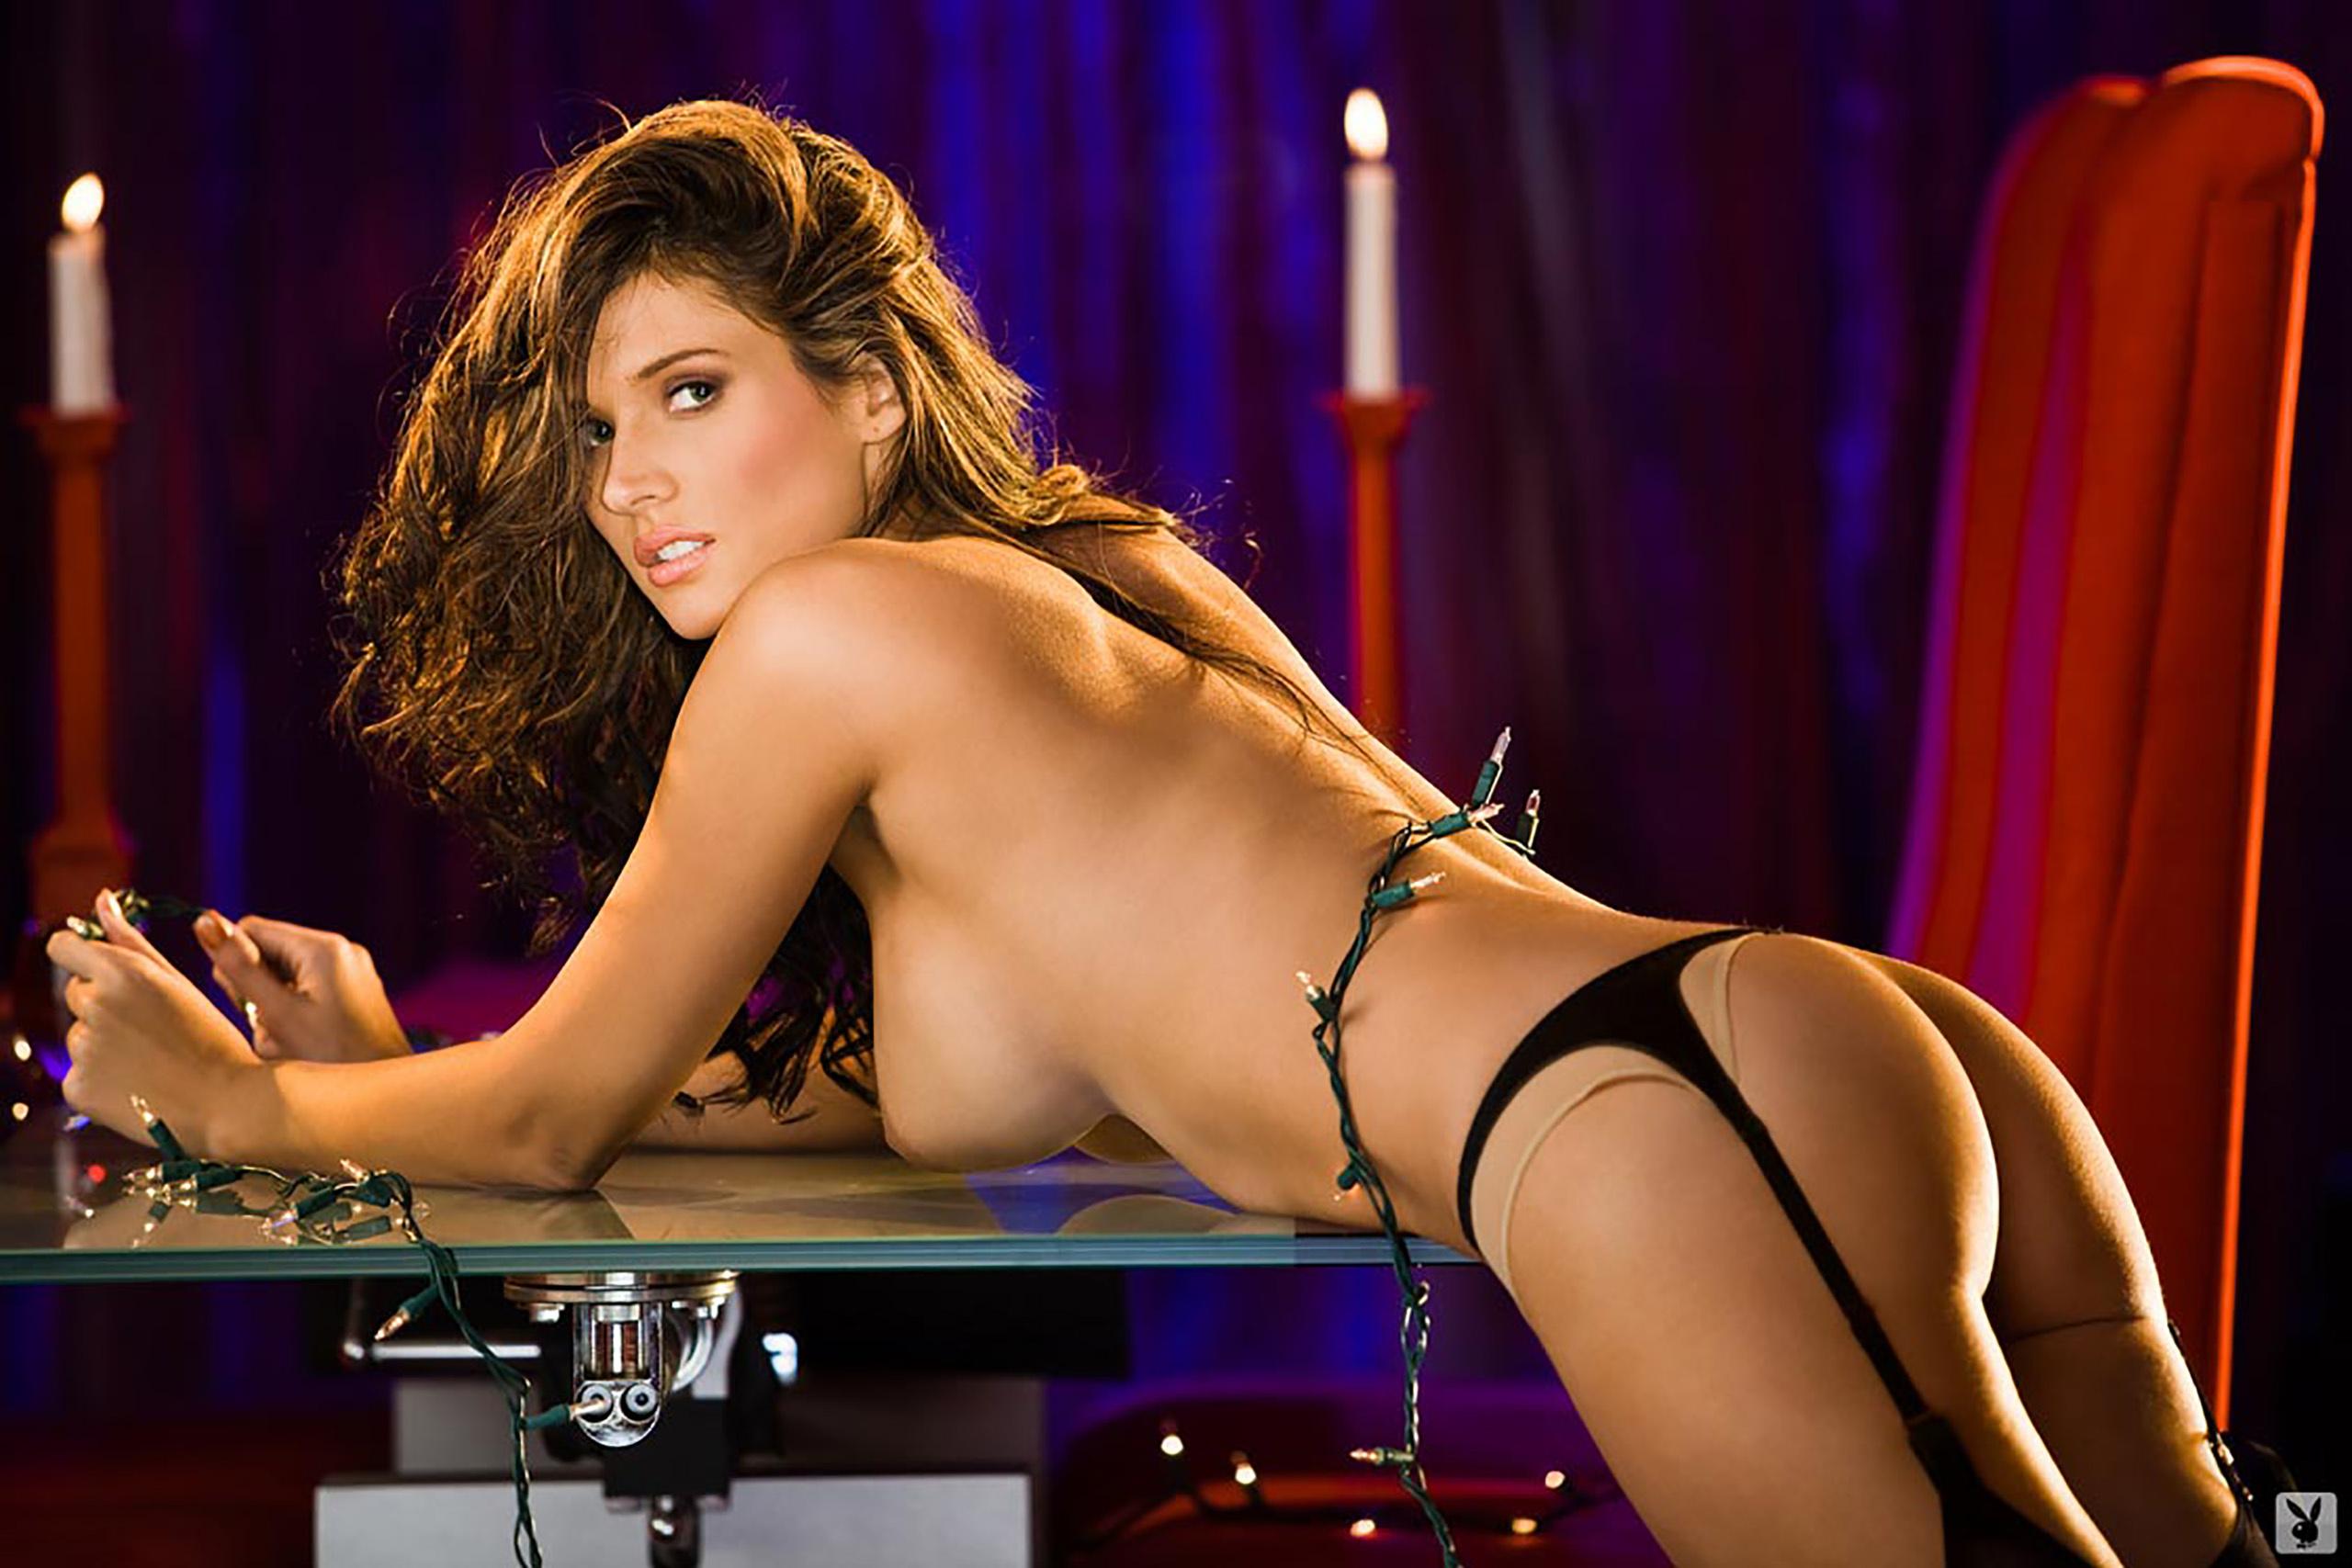 Amanda hanshaw sexy Bilder